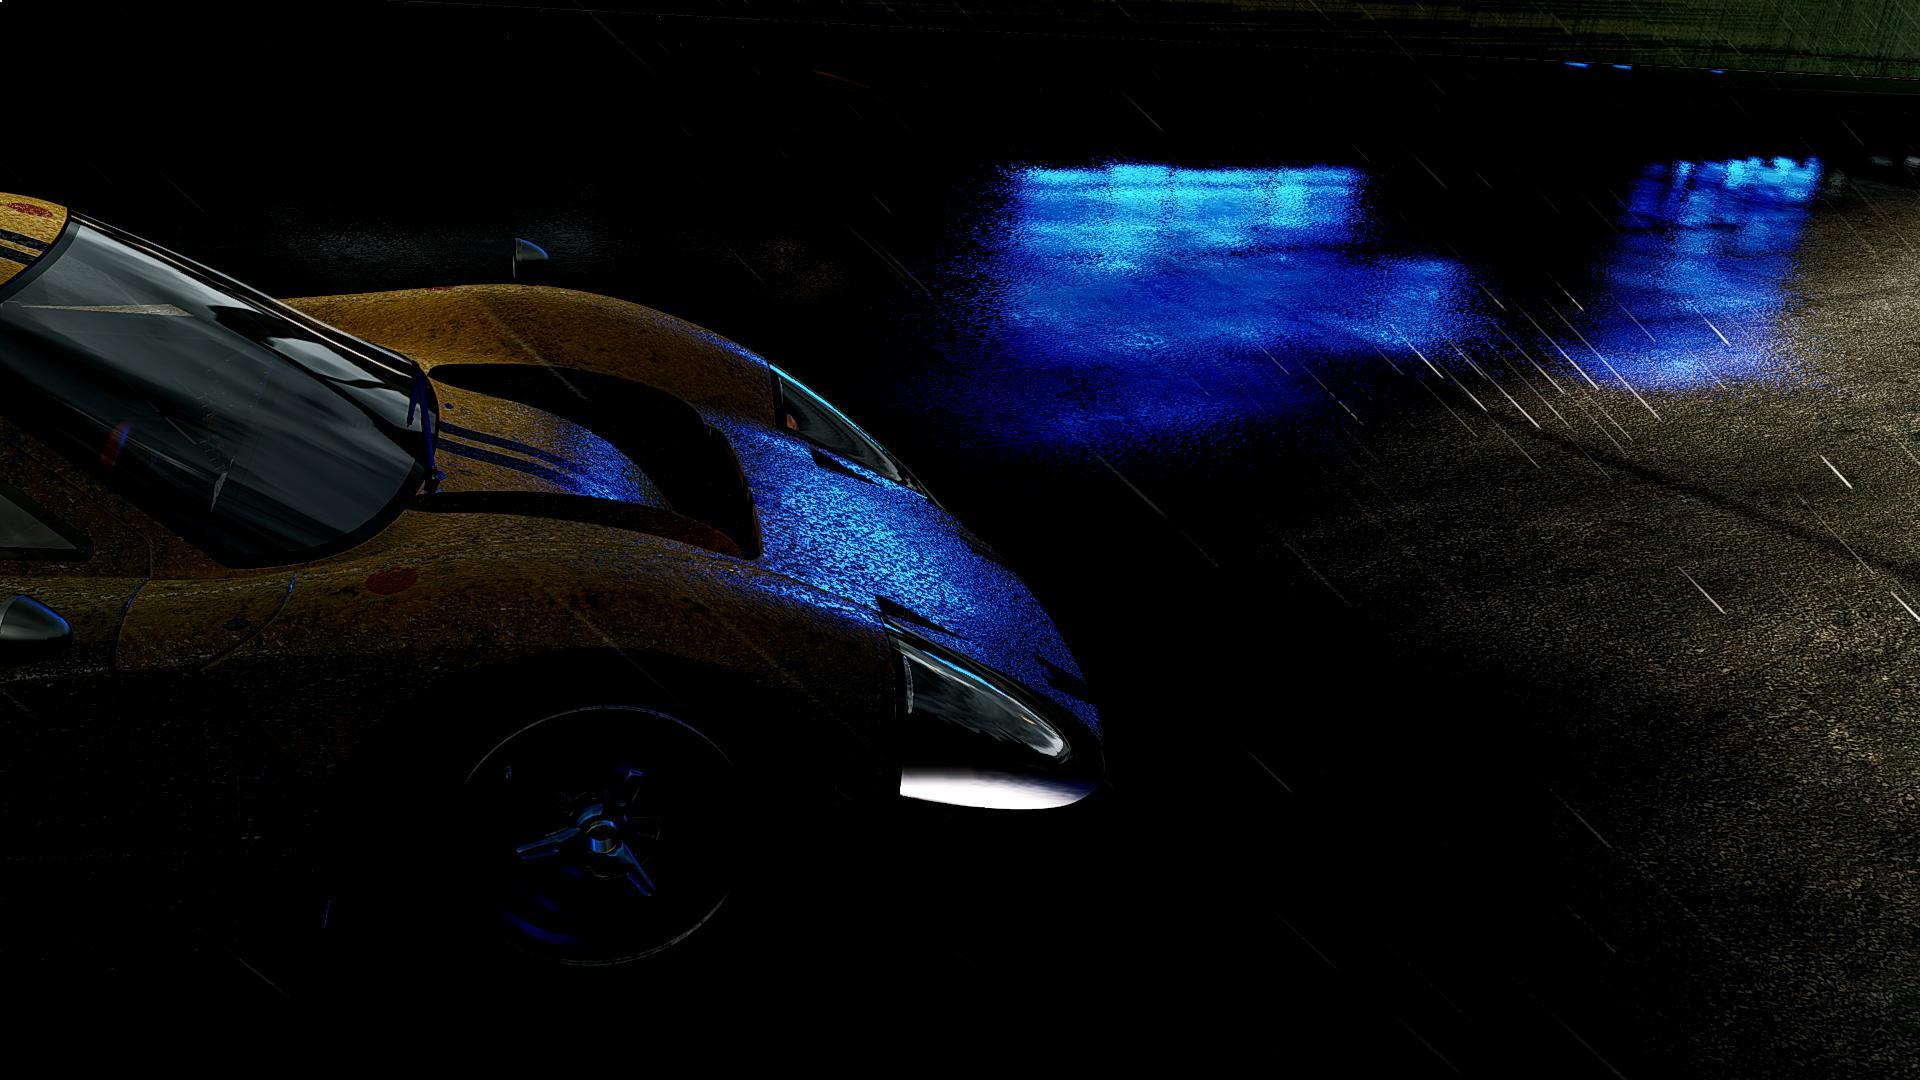 Po týdnu další úchvatné momentky z Project CARS 87192